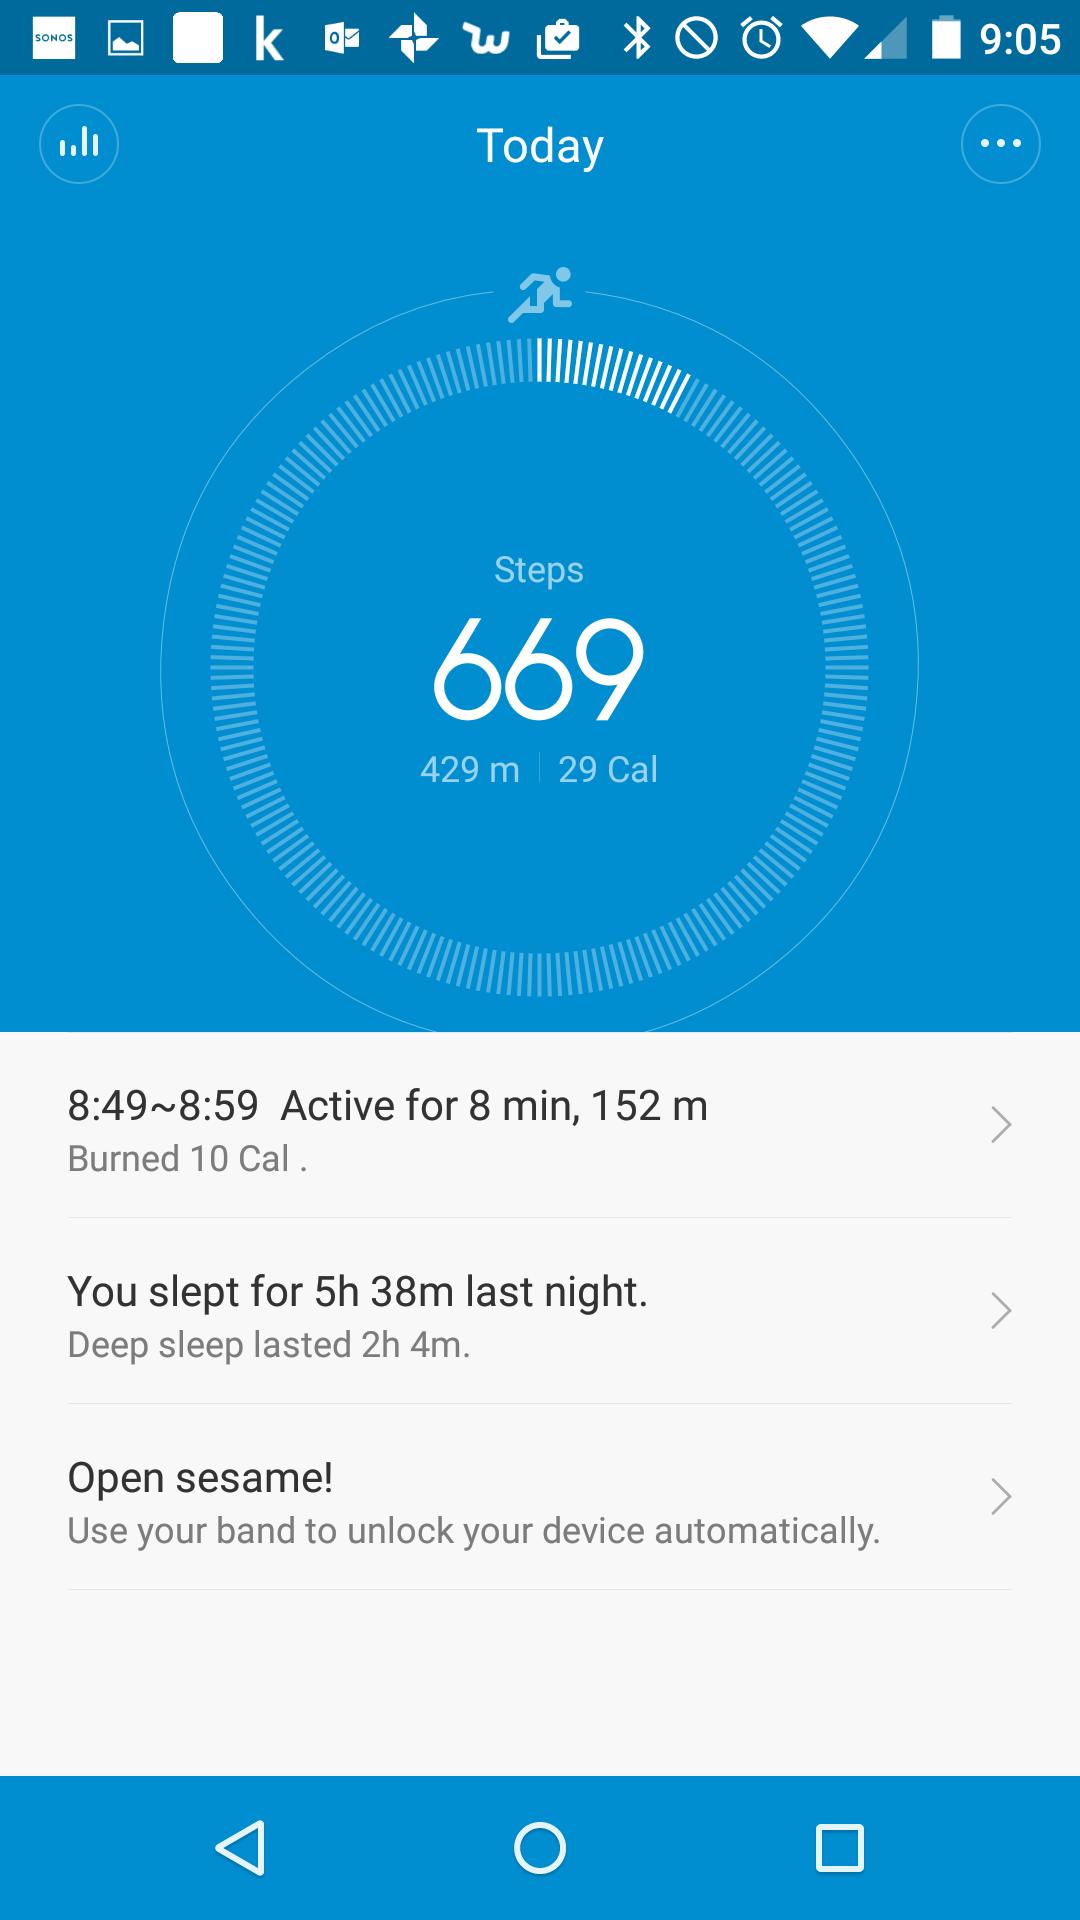 標準での歩数計。 今日一日で何歩歩き、どこまでカロリーを消費したか教えてくれる。 ちなみにrakeemが好きなのが中段にある「you slept for x hours last night」というやつ。どこまで正しいか分からないけど、なんとなく深い睡眠が多い日はテンション上がる。完全にプラシーボ効果です、はい。